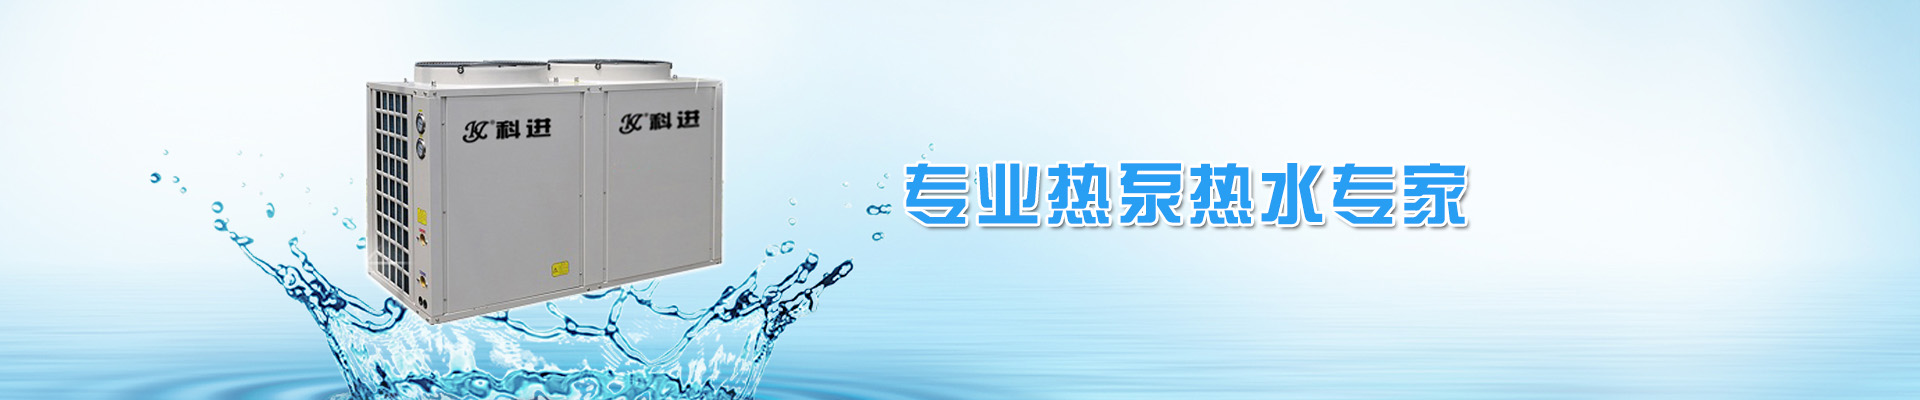 太阳城娱乐网站